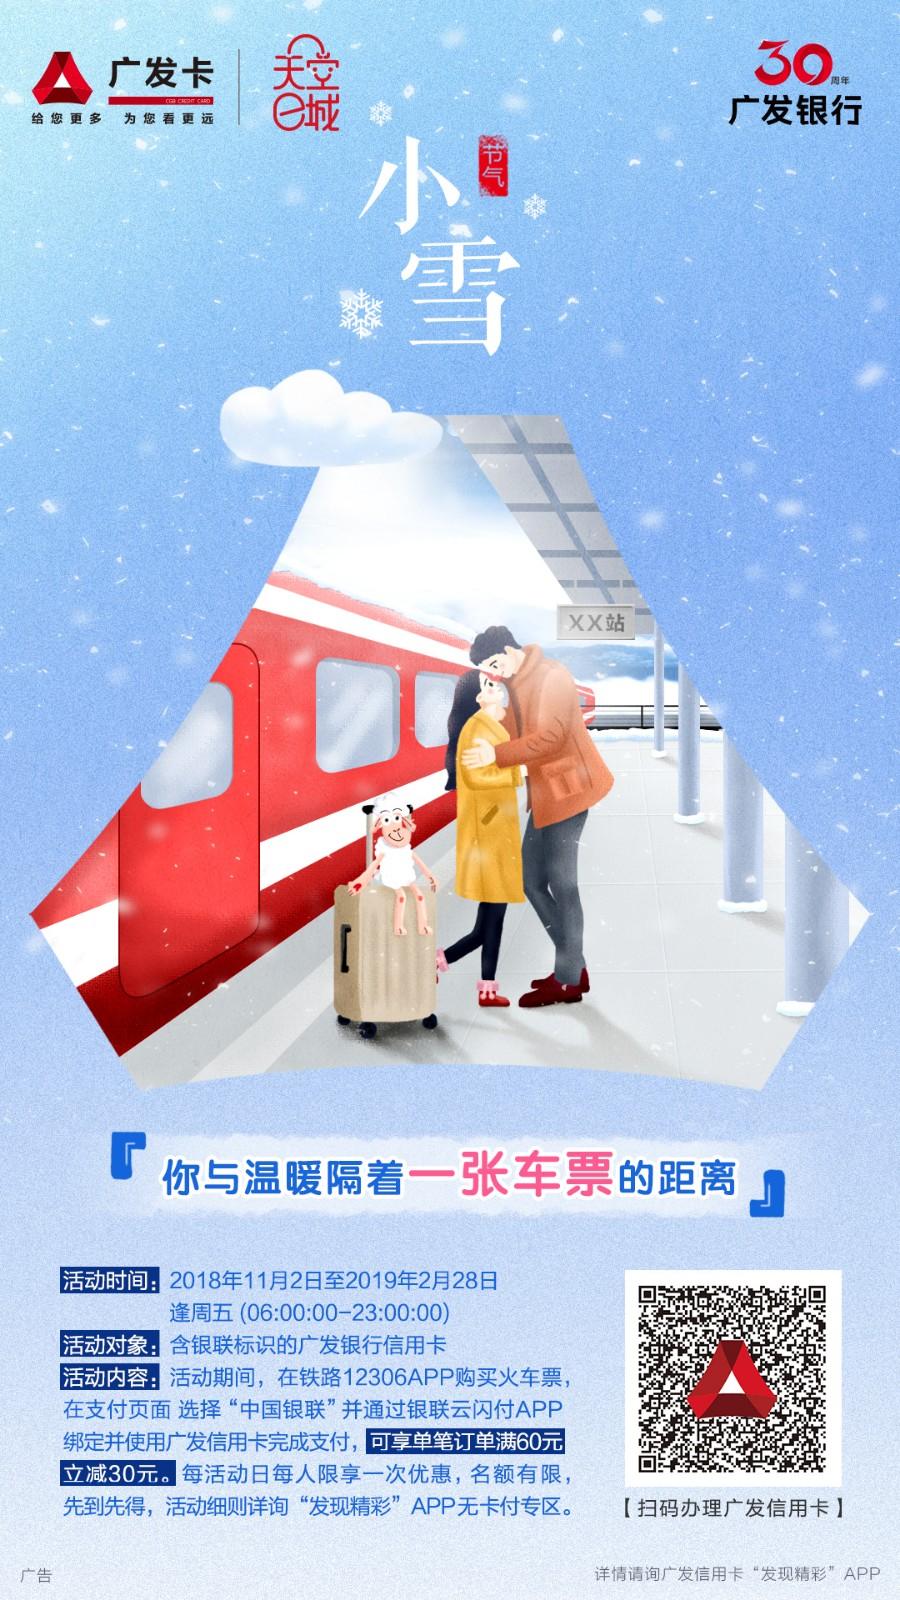 广发银行 小雪.jpg